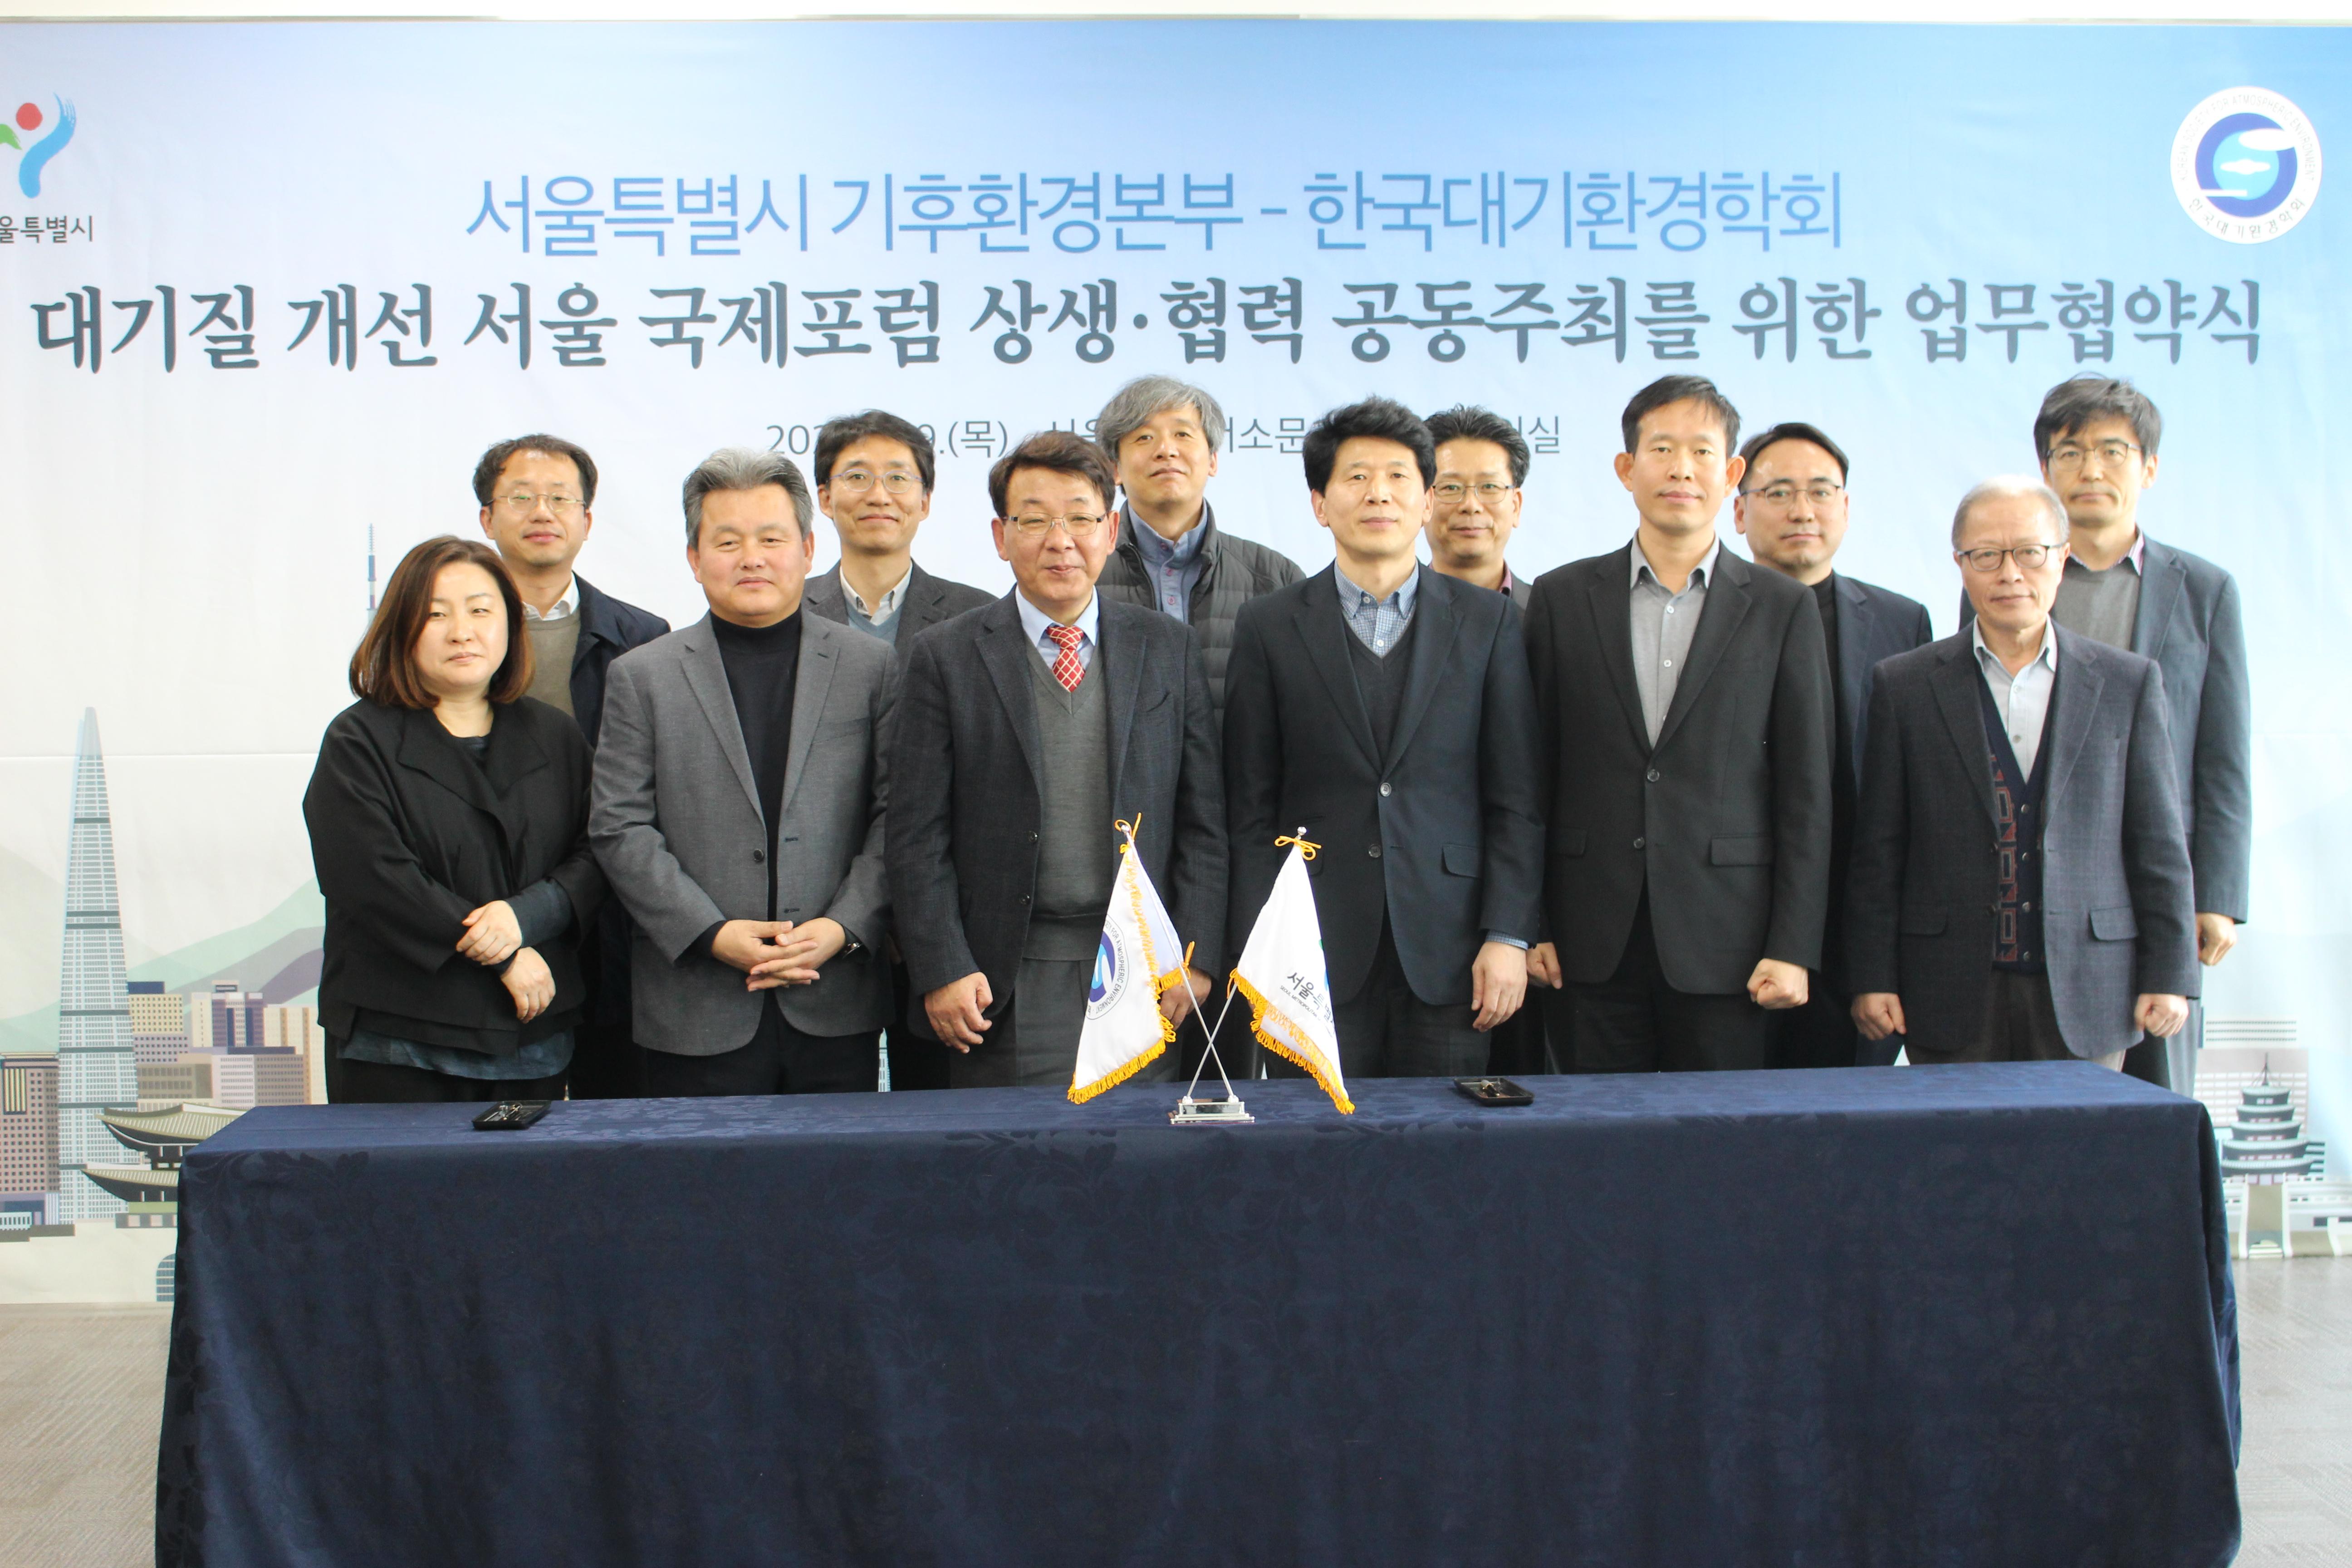 이미지 1:한국대기환경학회와 서울특별시 기후환경본부 업무협약식